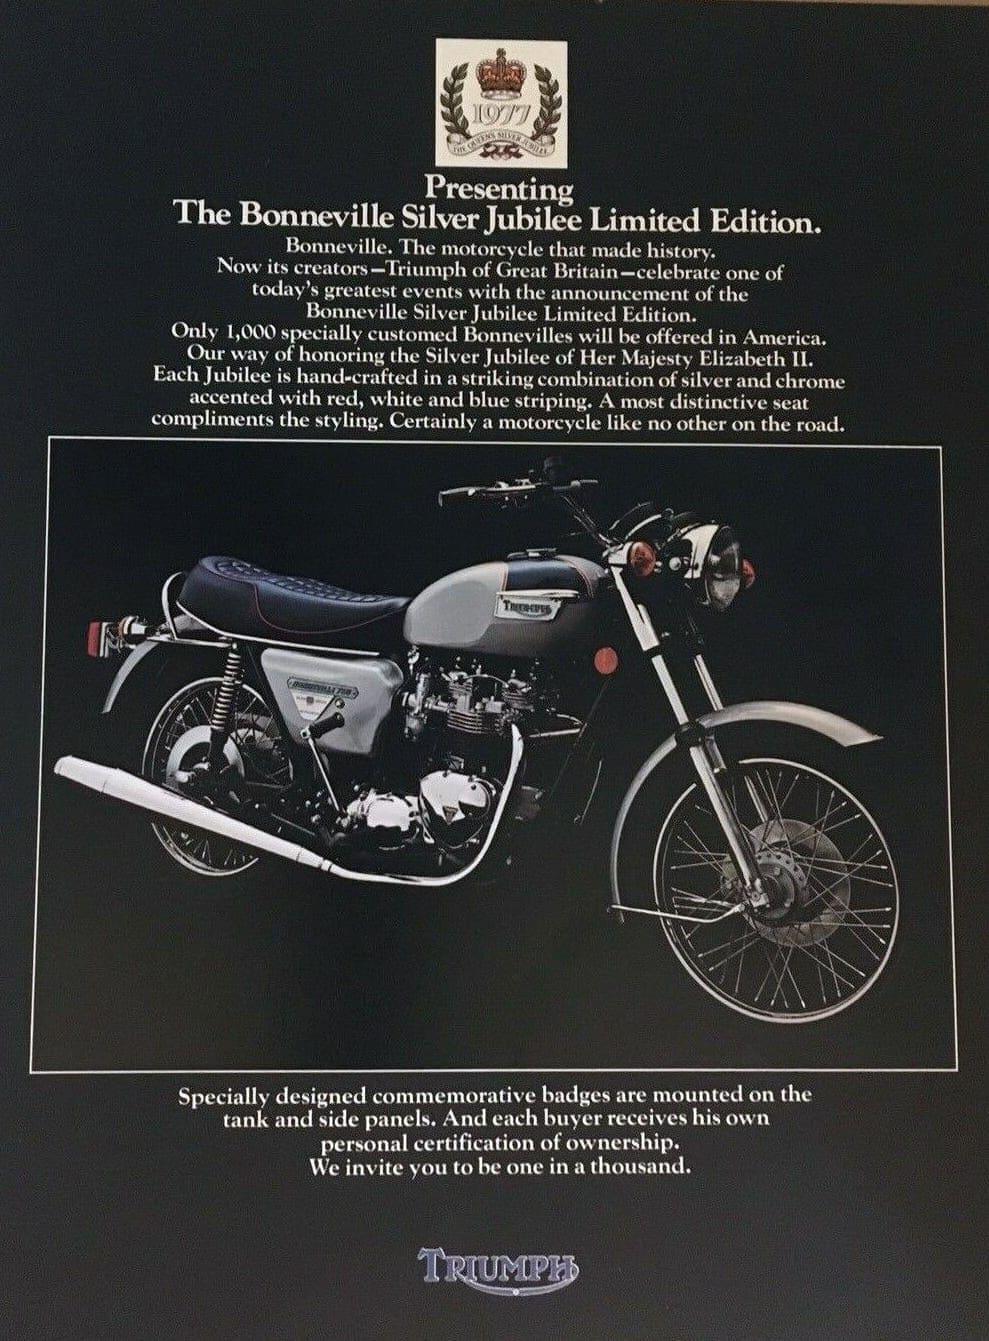 Silver Jubilee brochure1